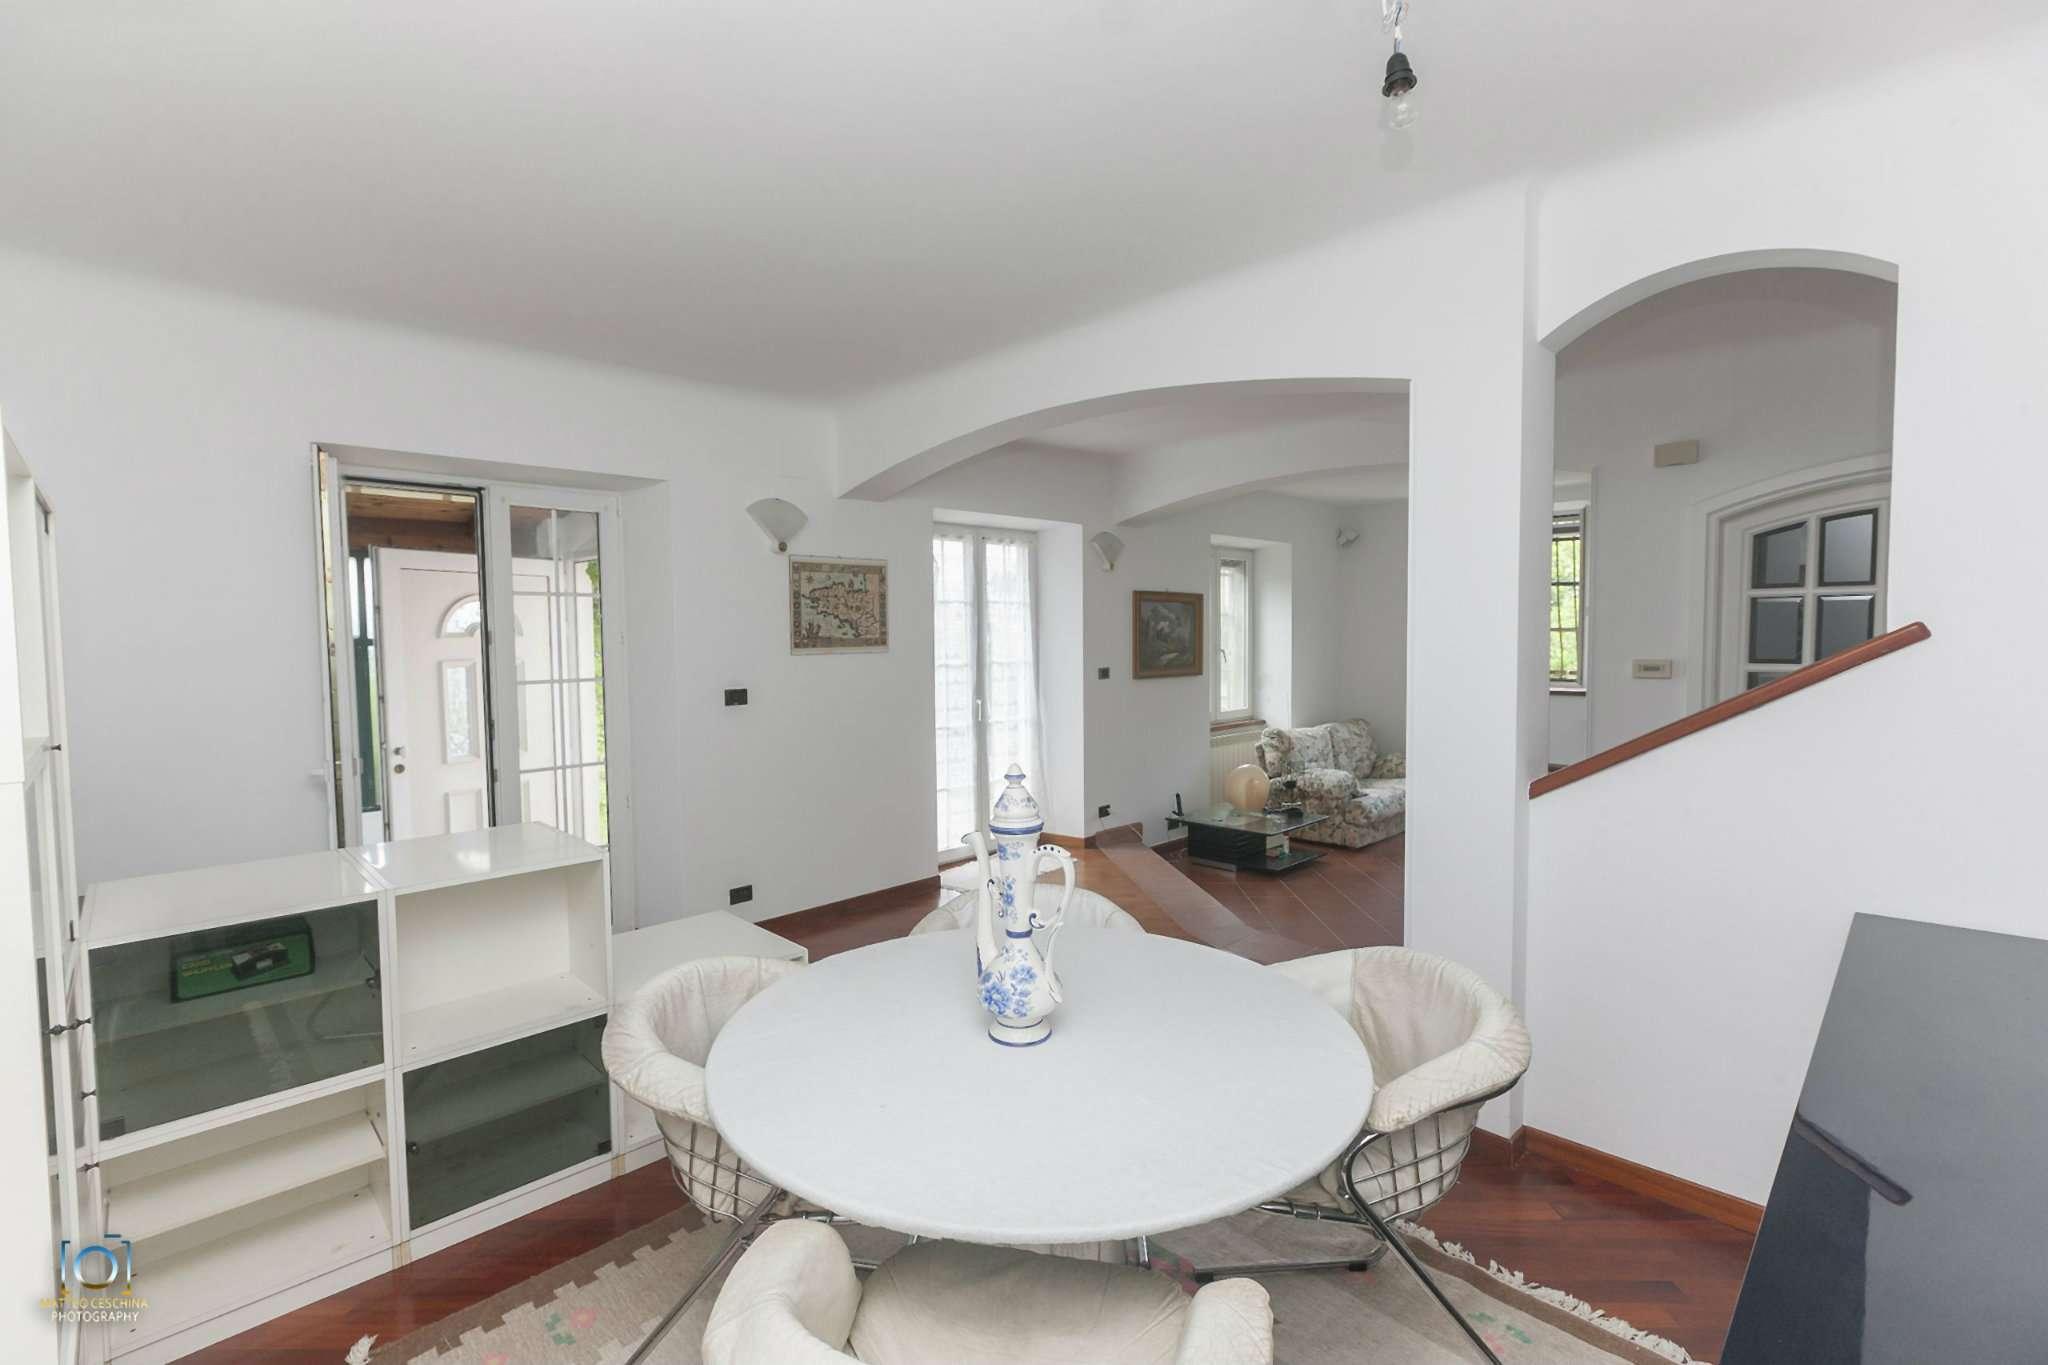 Soluzione Semindipendente in vendita a Mignanego, 7 locali, prezzo € 300.000 | CambioCasa.it